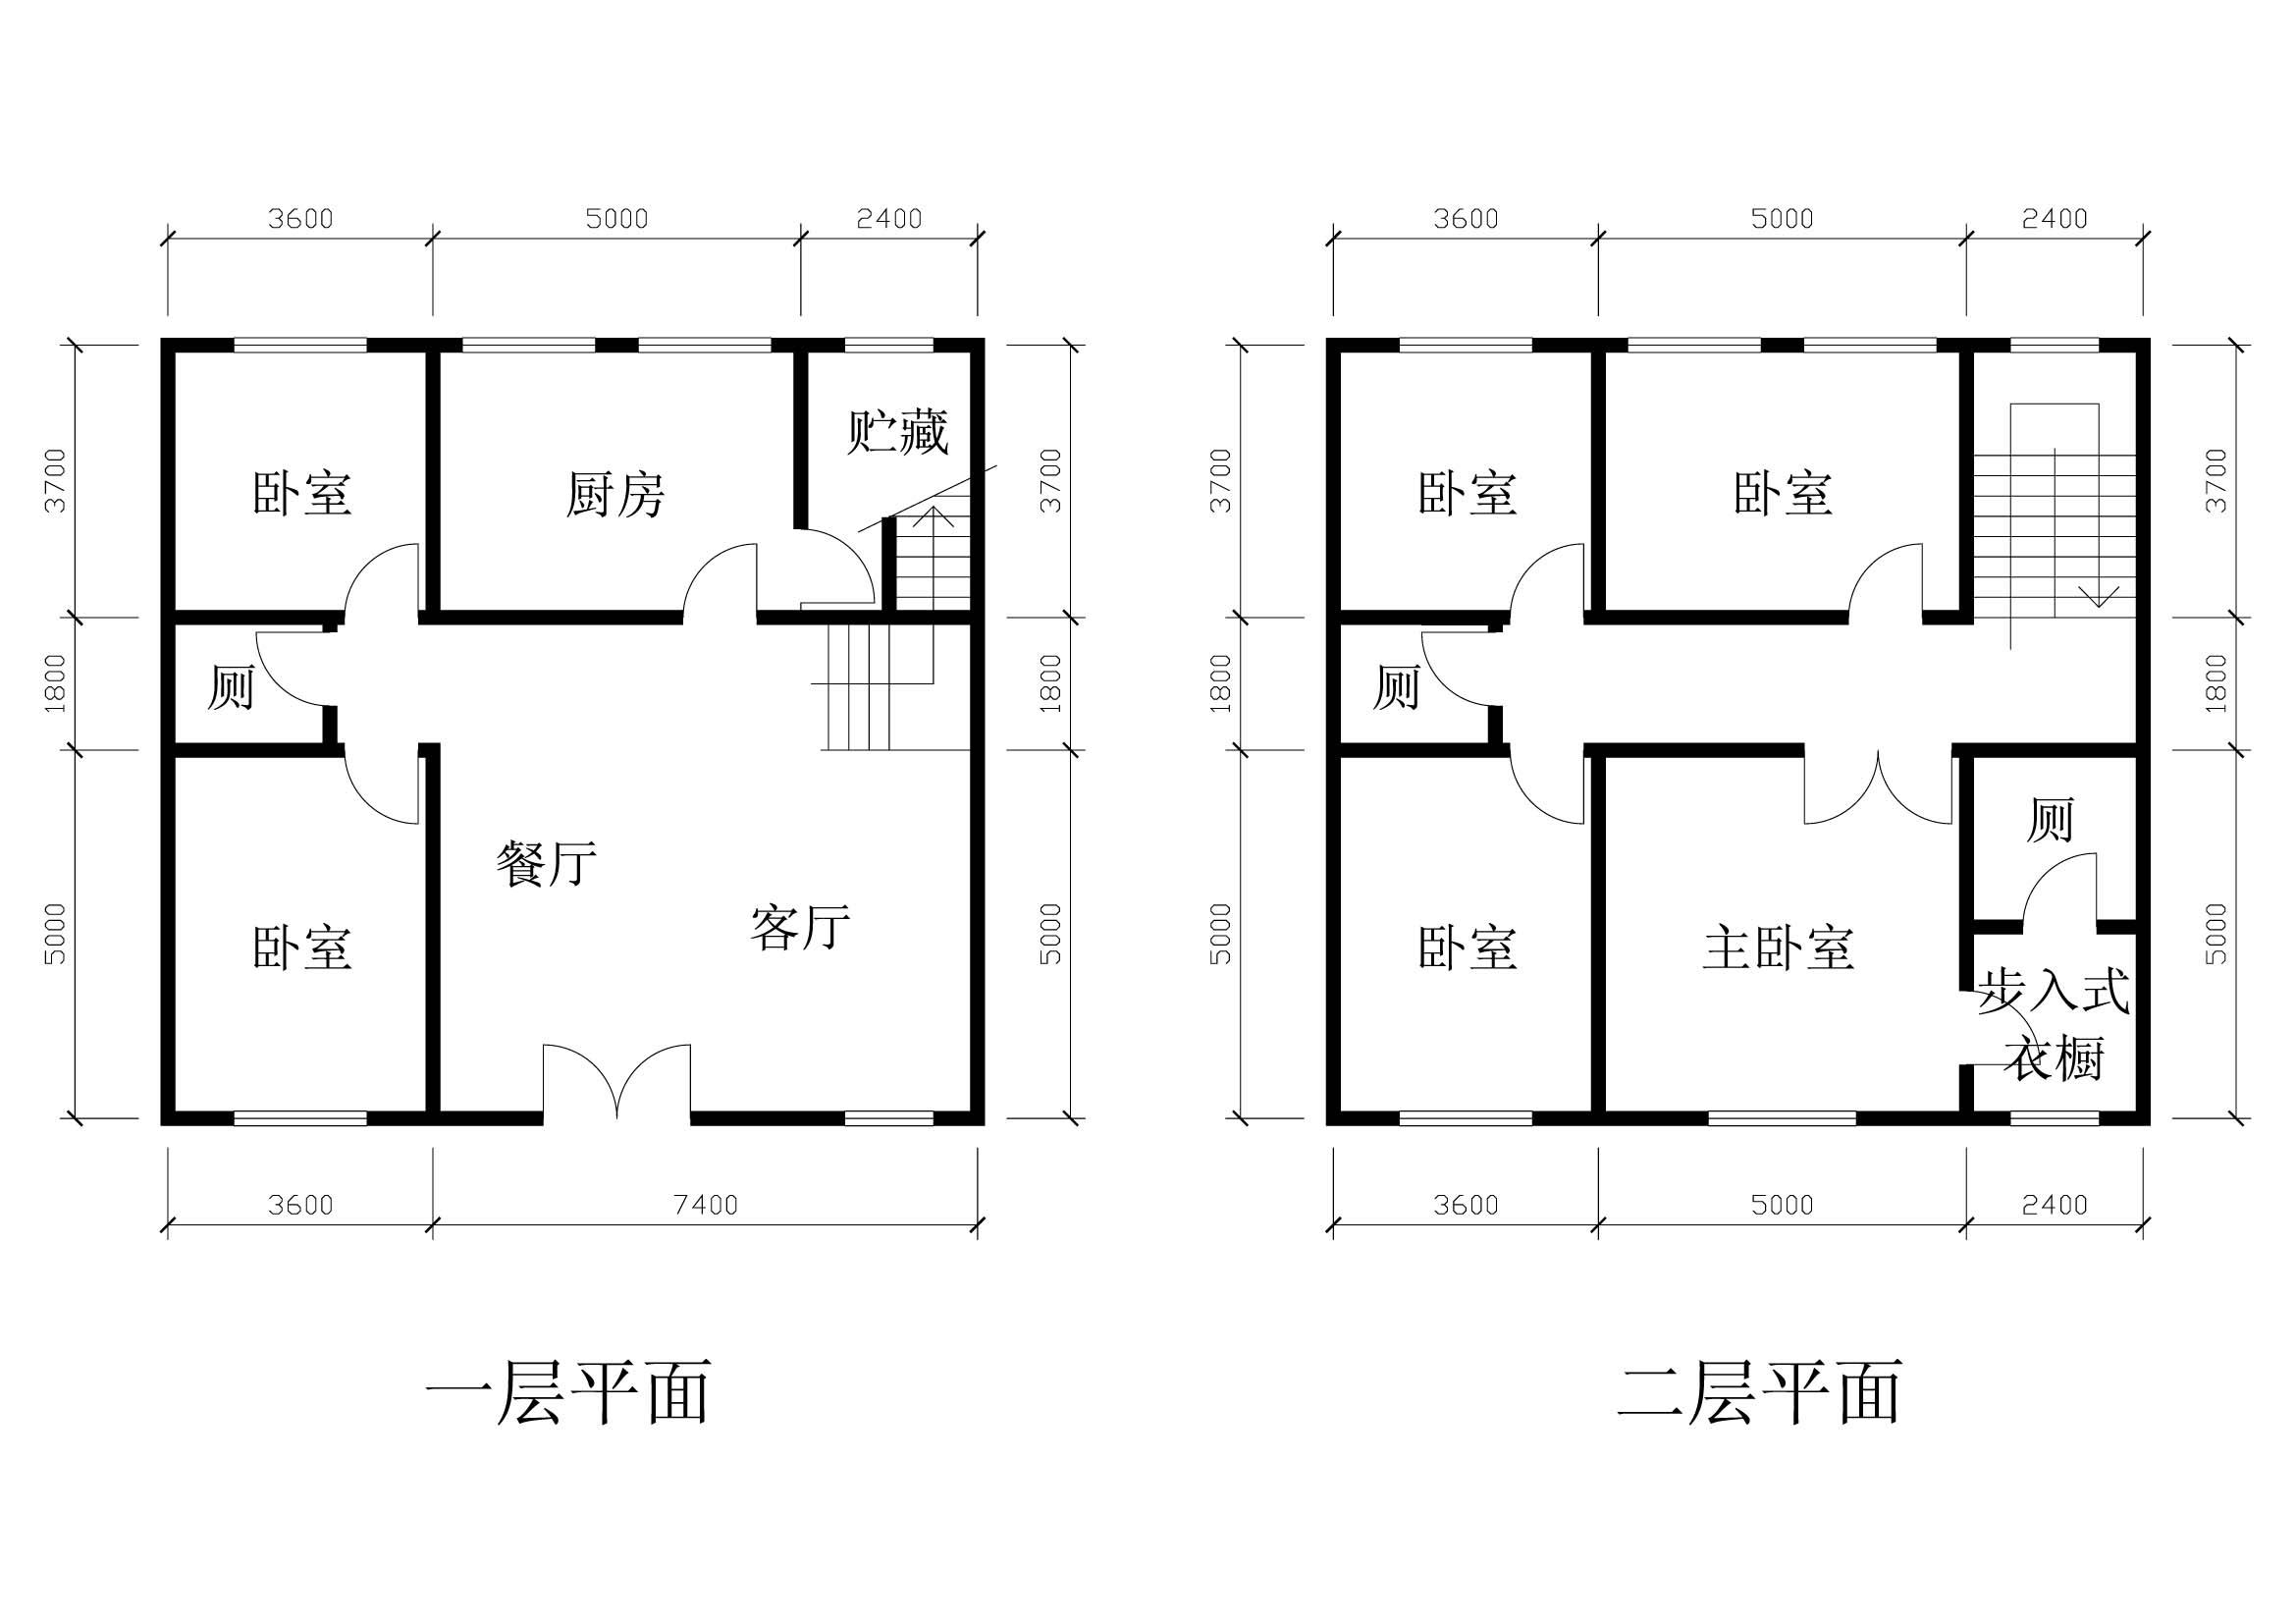 谁能帮我设计一张长11米宽10.5米的房屋的图纸啊?总共图片